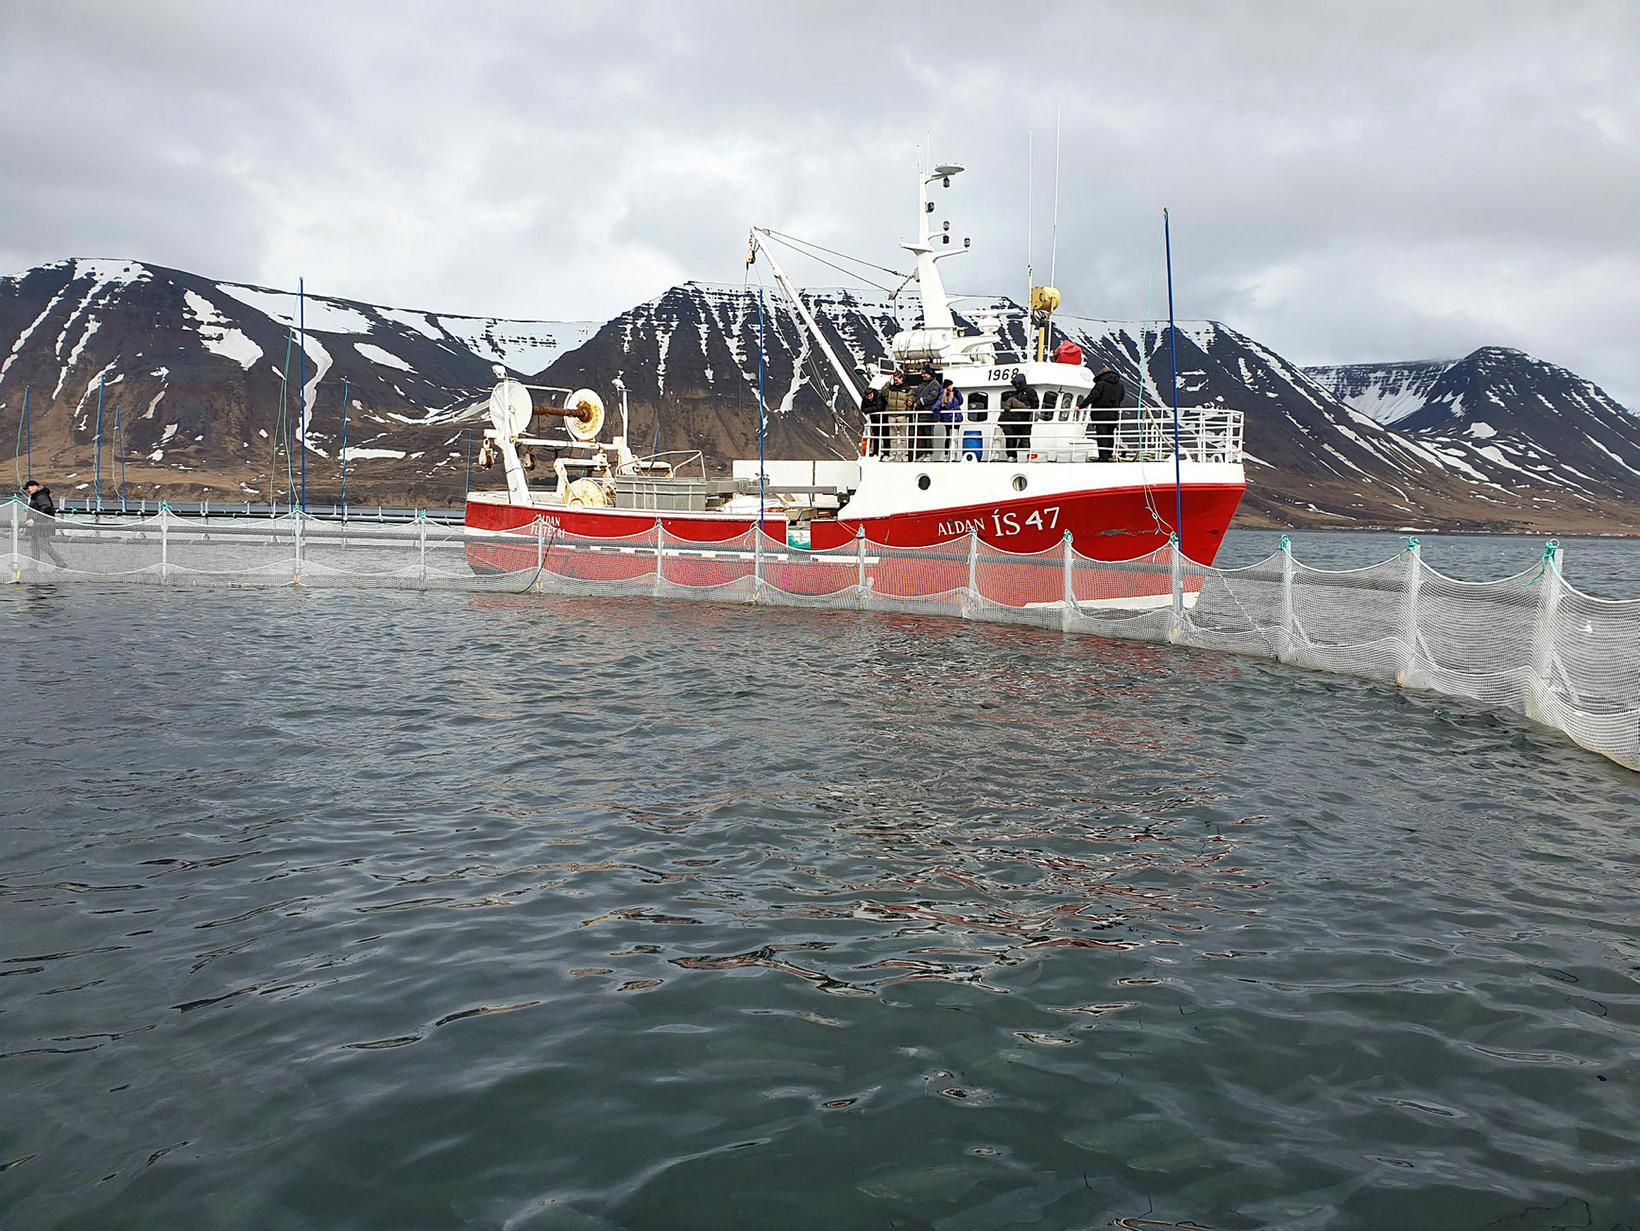 Sjókví fiskeldisfyrirtækisins ÍS 47 á Flateyri.